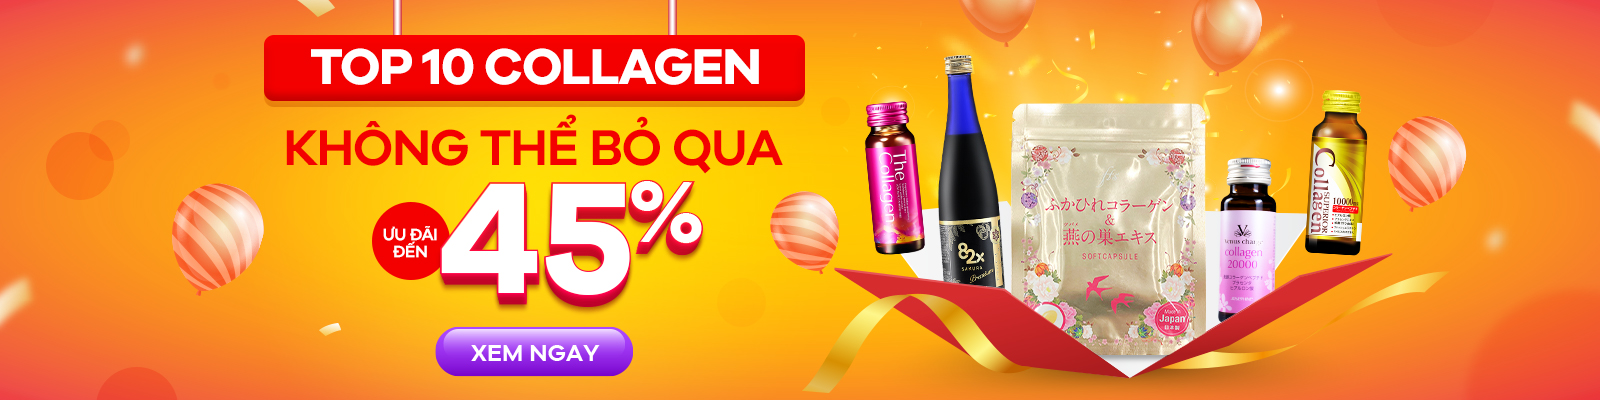 Top Collagen Giảm Đến 45%